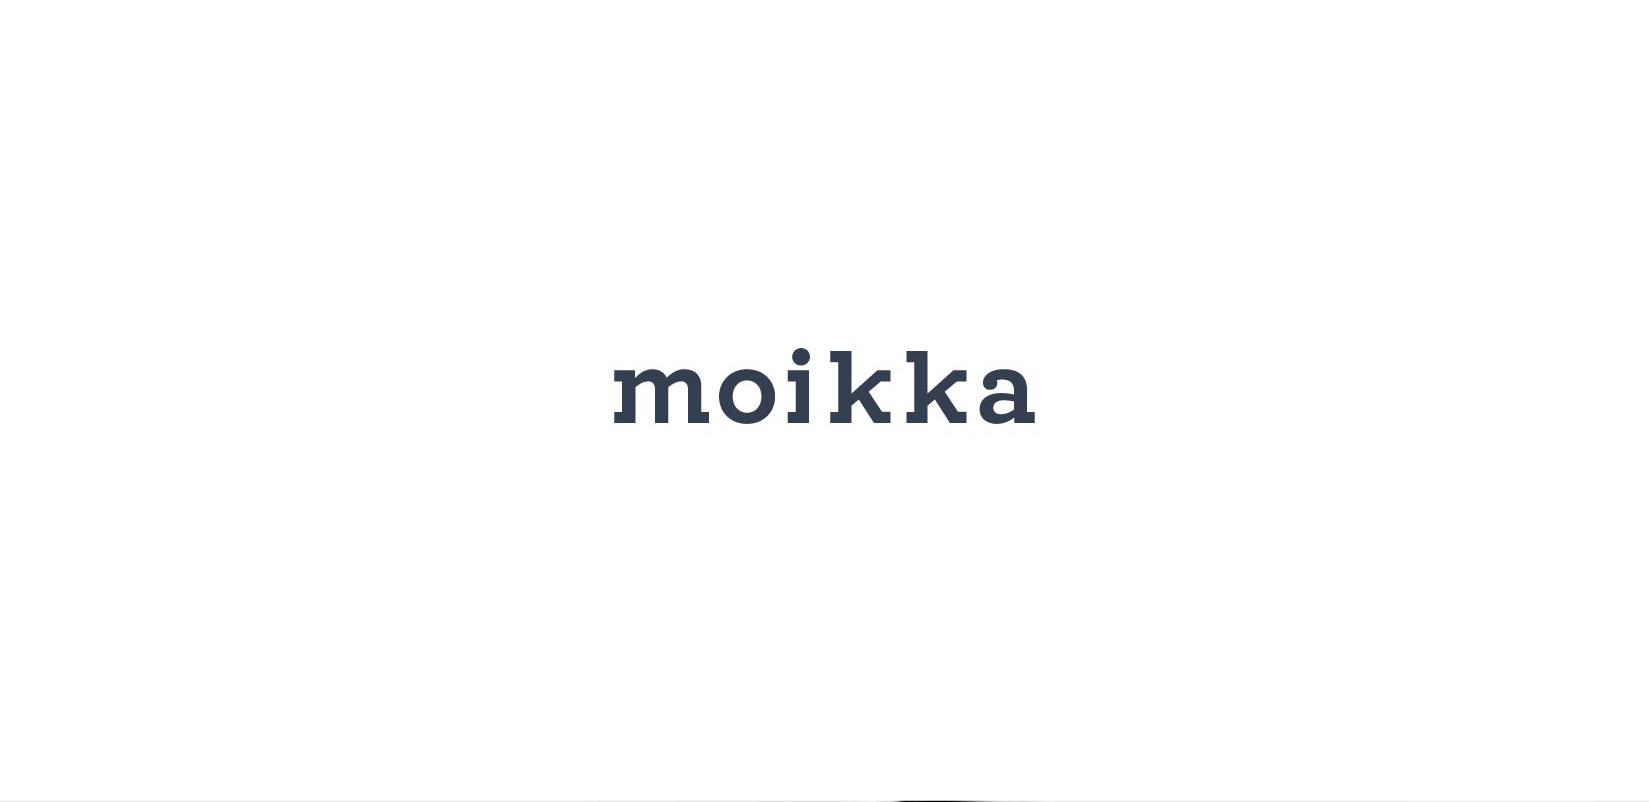 Moikka